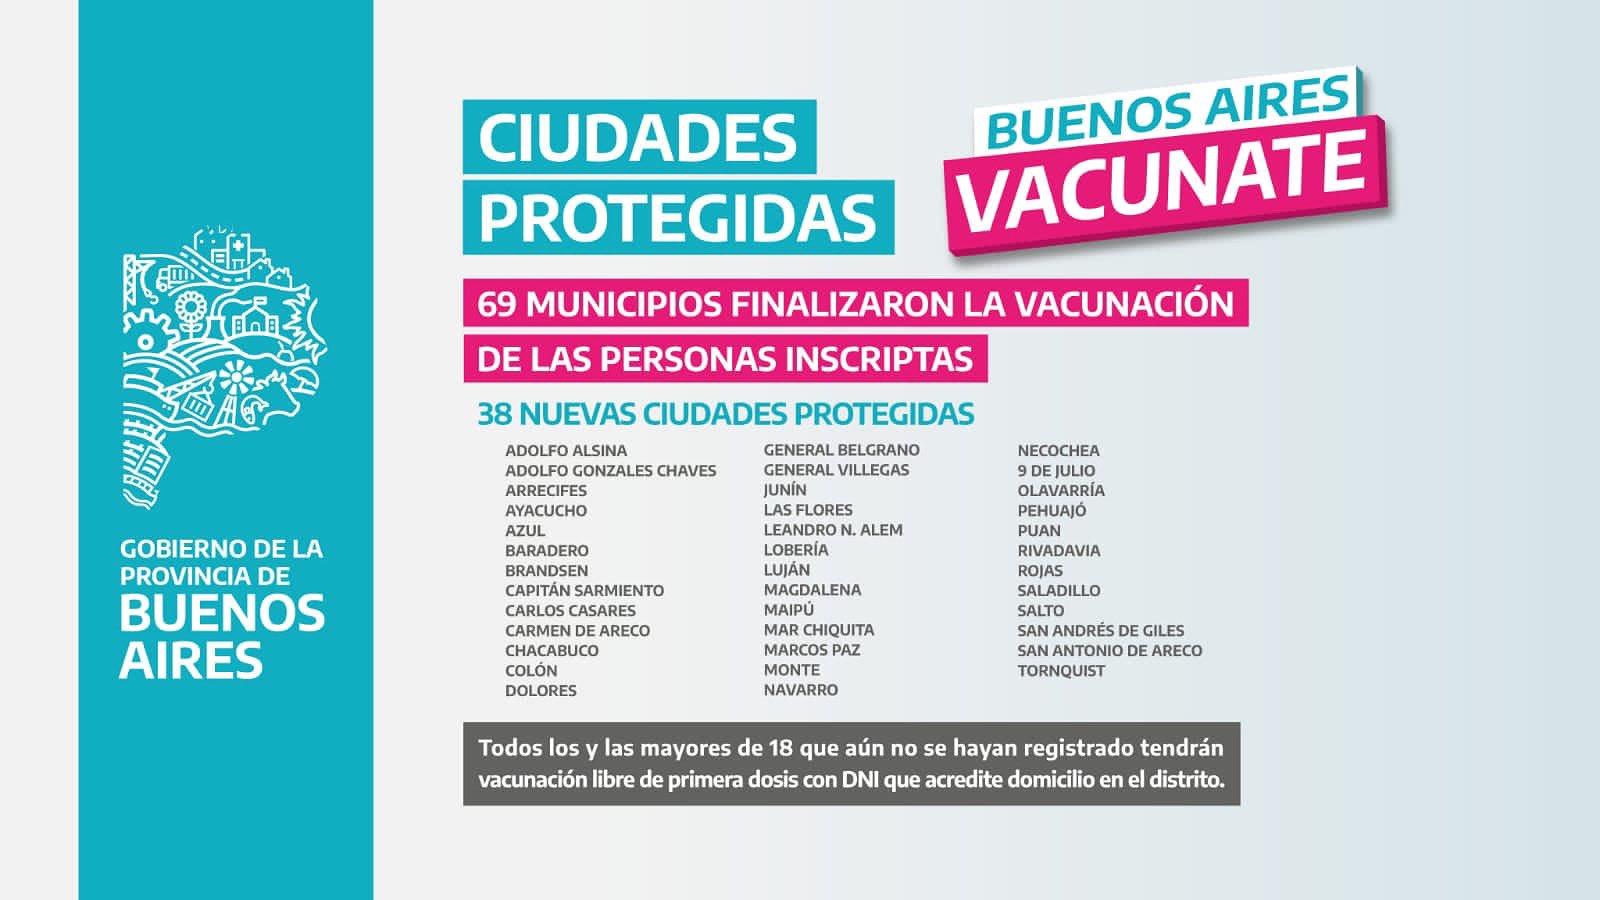 Distribuyen en Mar del Plata 14 mil vacunas anticovid